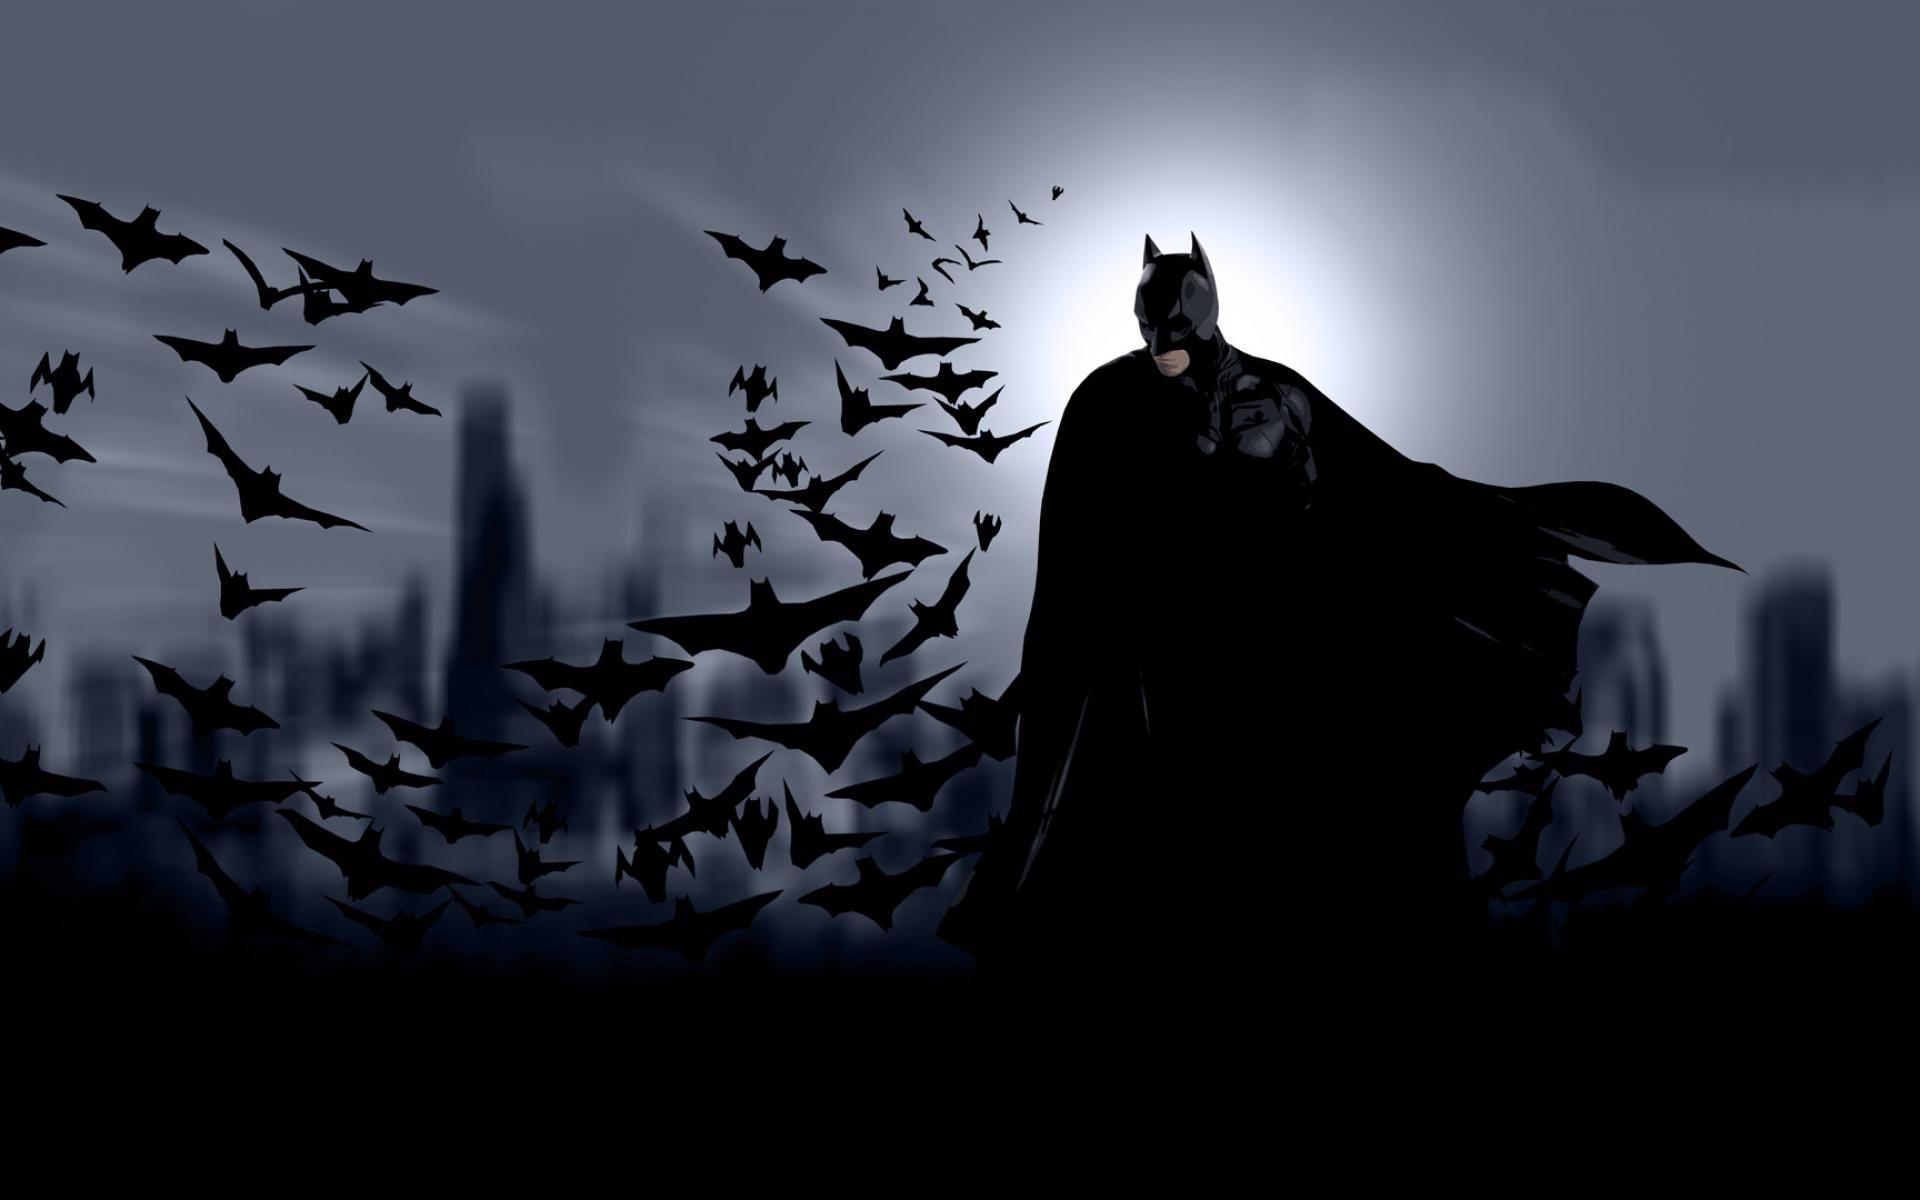 Batman wallpapers free download hd wallpapers pinterest batman begins hd desktop wallpaper widescreen high definition voltagebd Images